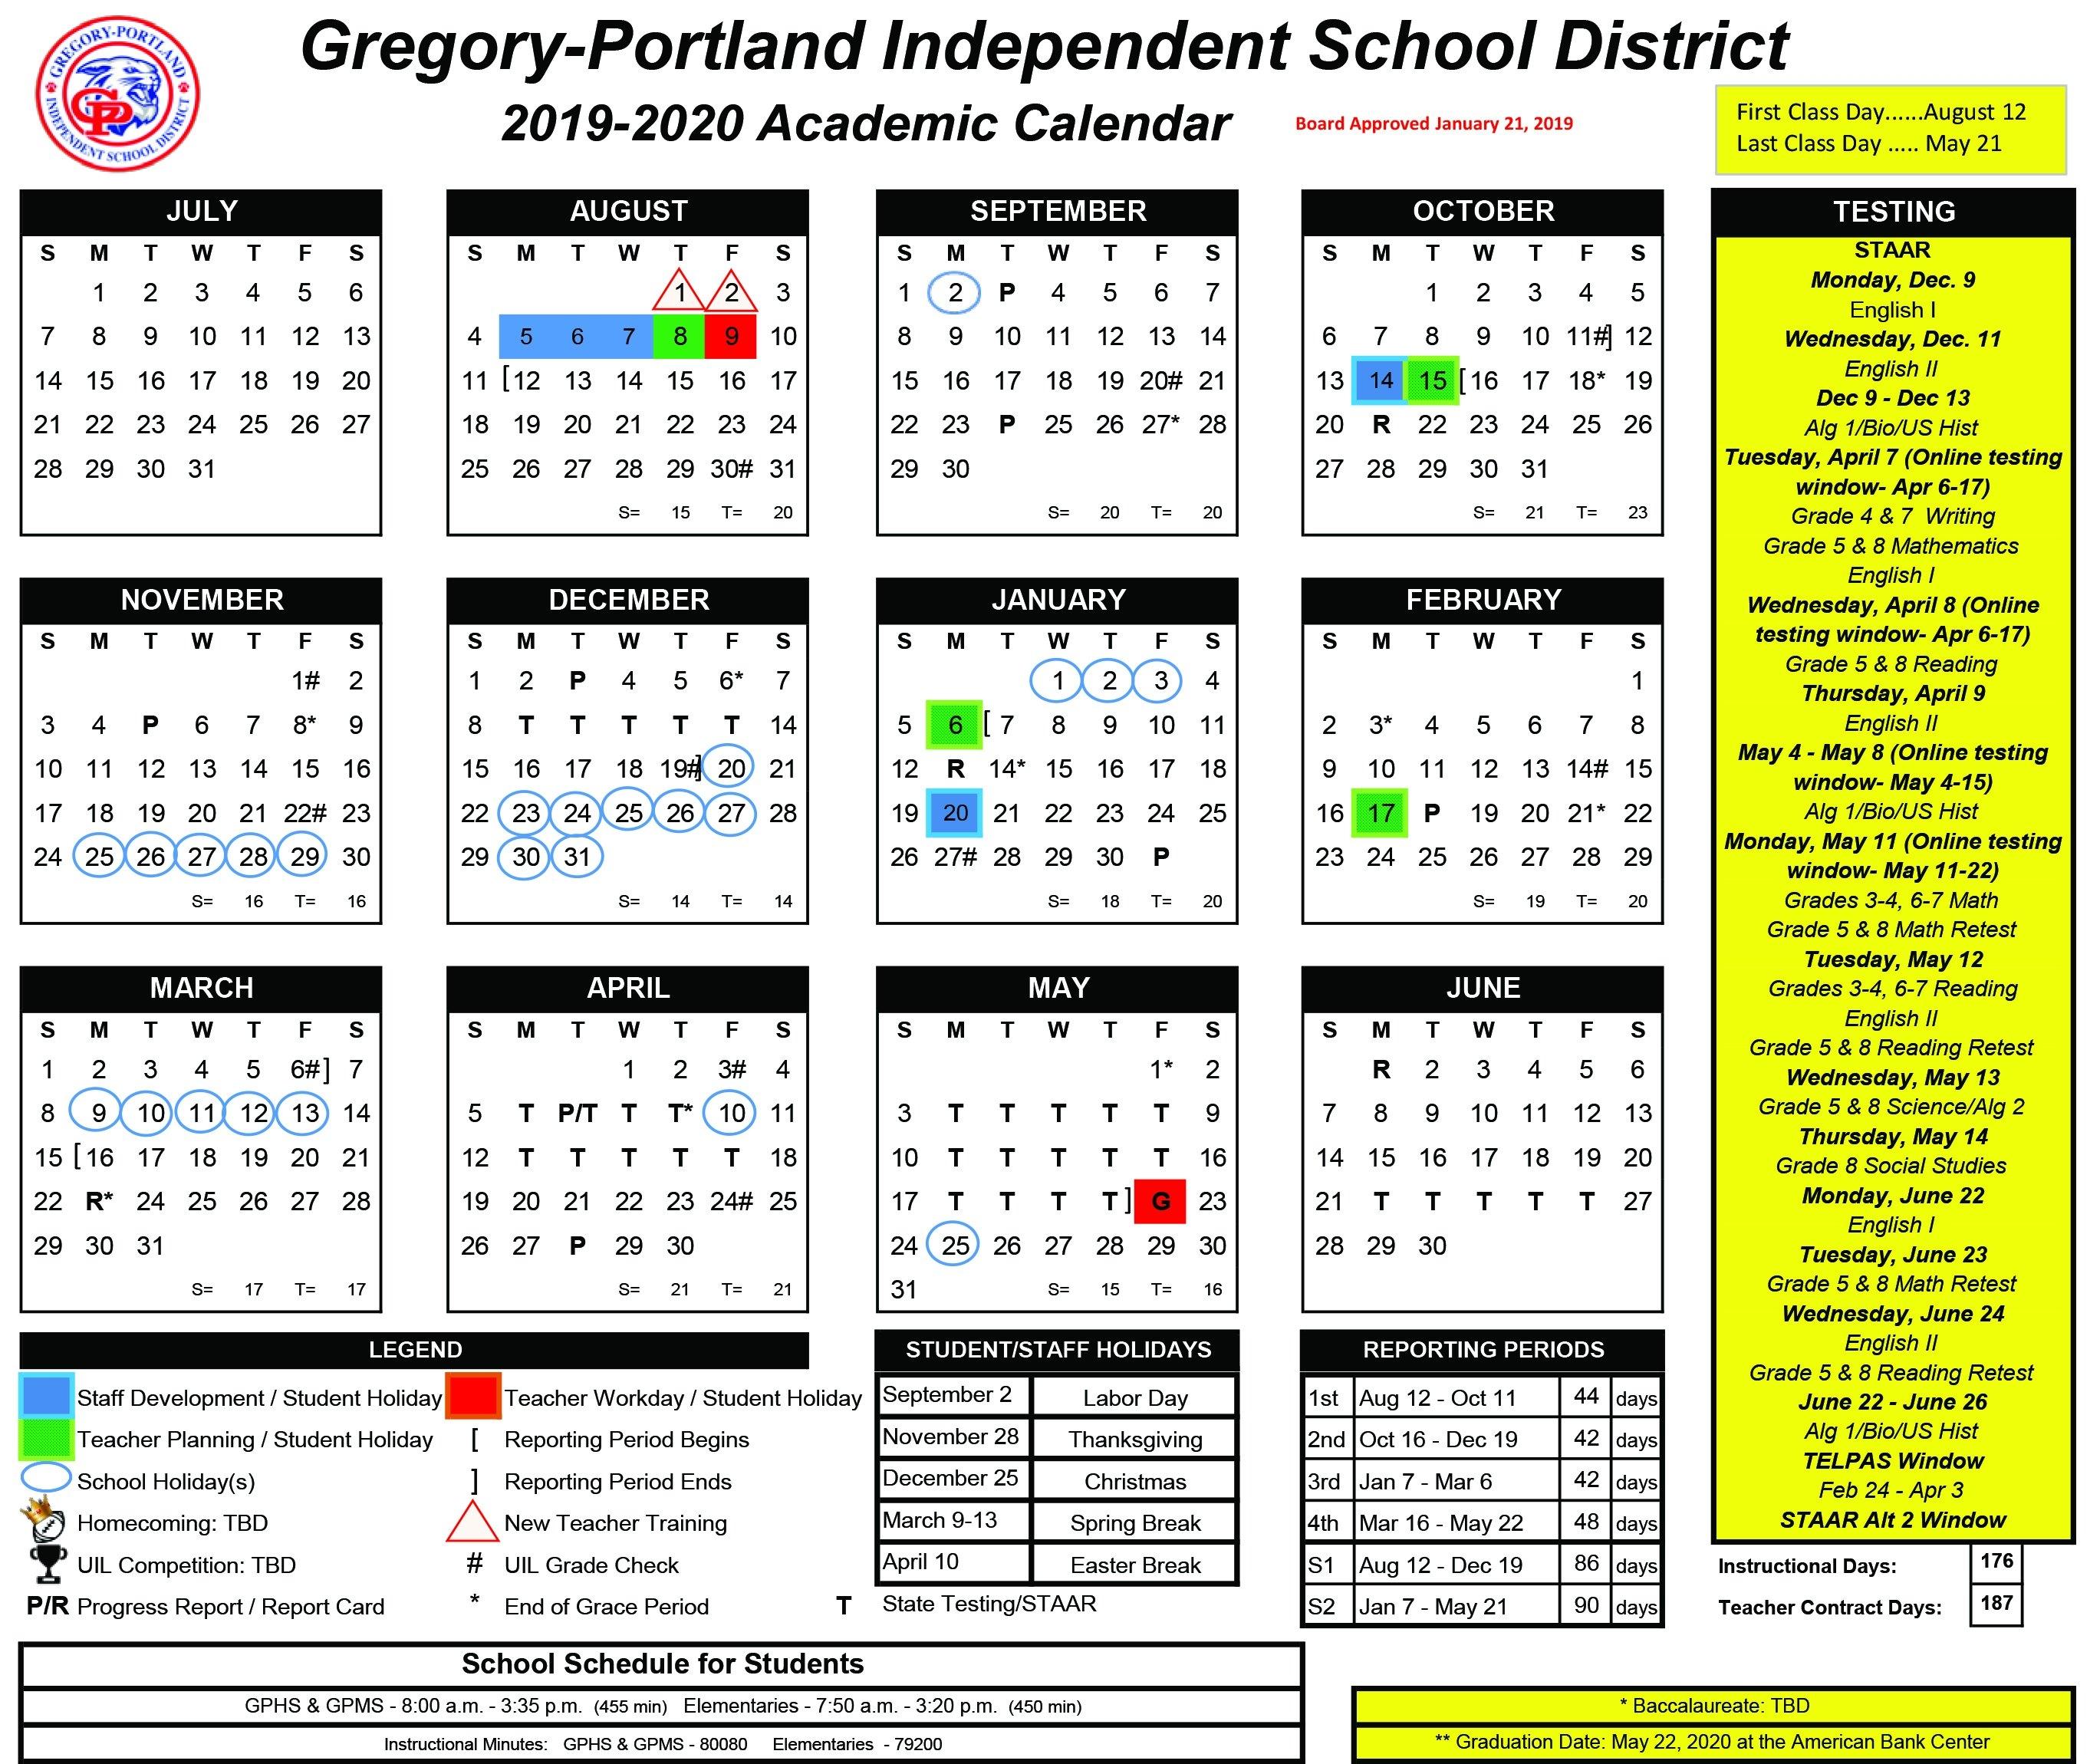 District Calendar, 2019-20 - Gregory-Portland Independent School School District 5 Calendar 2019